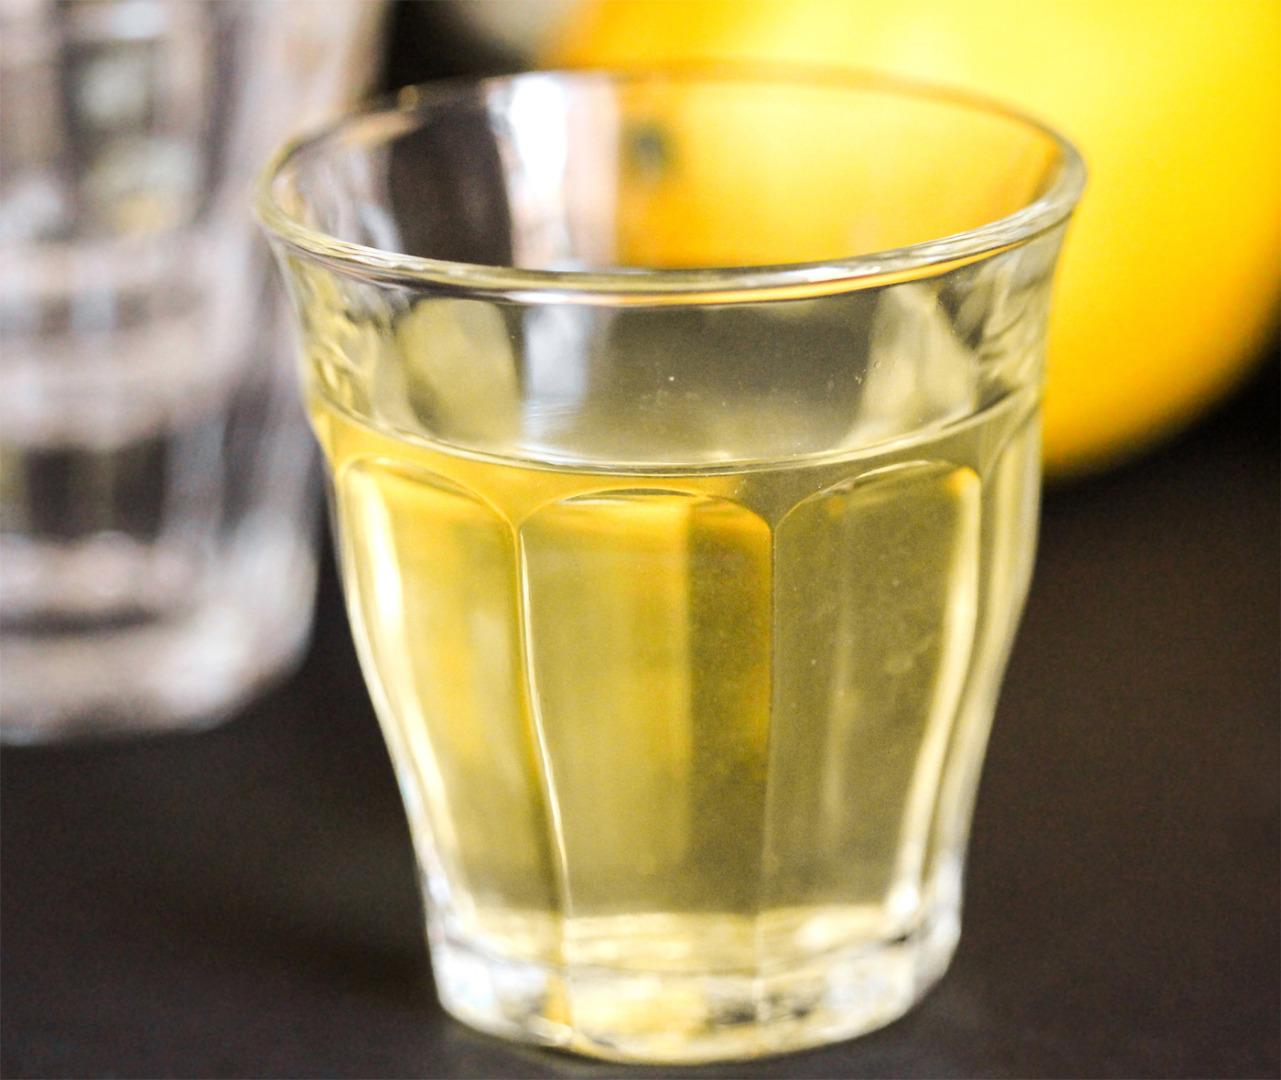 Limoncello - lichior italienesc